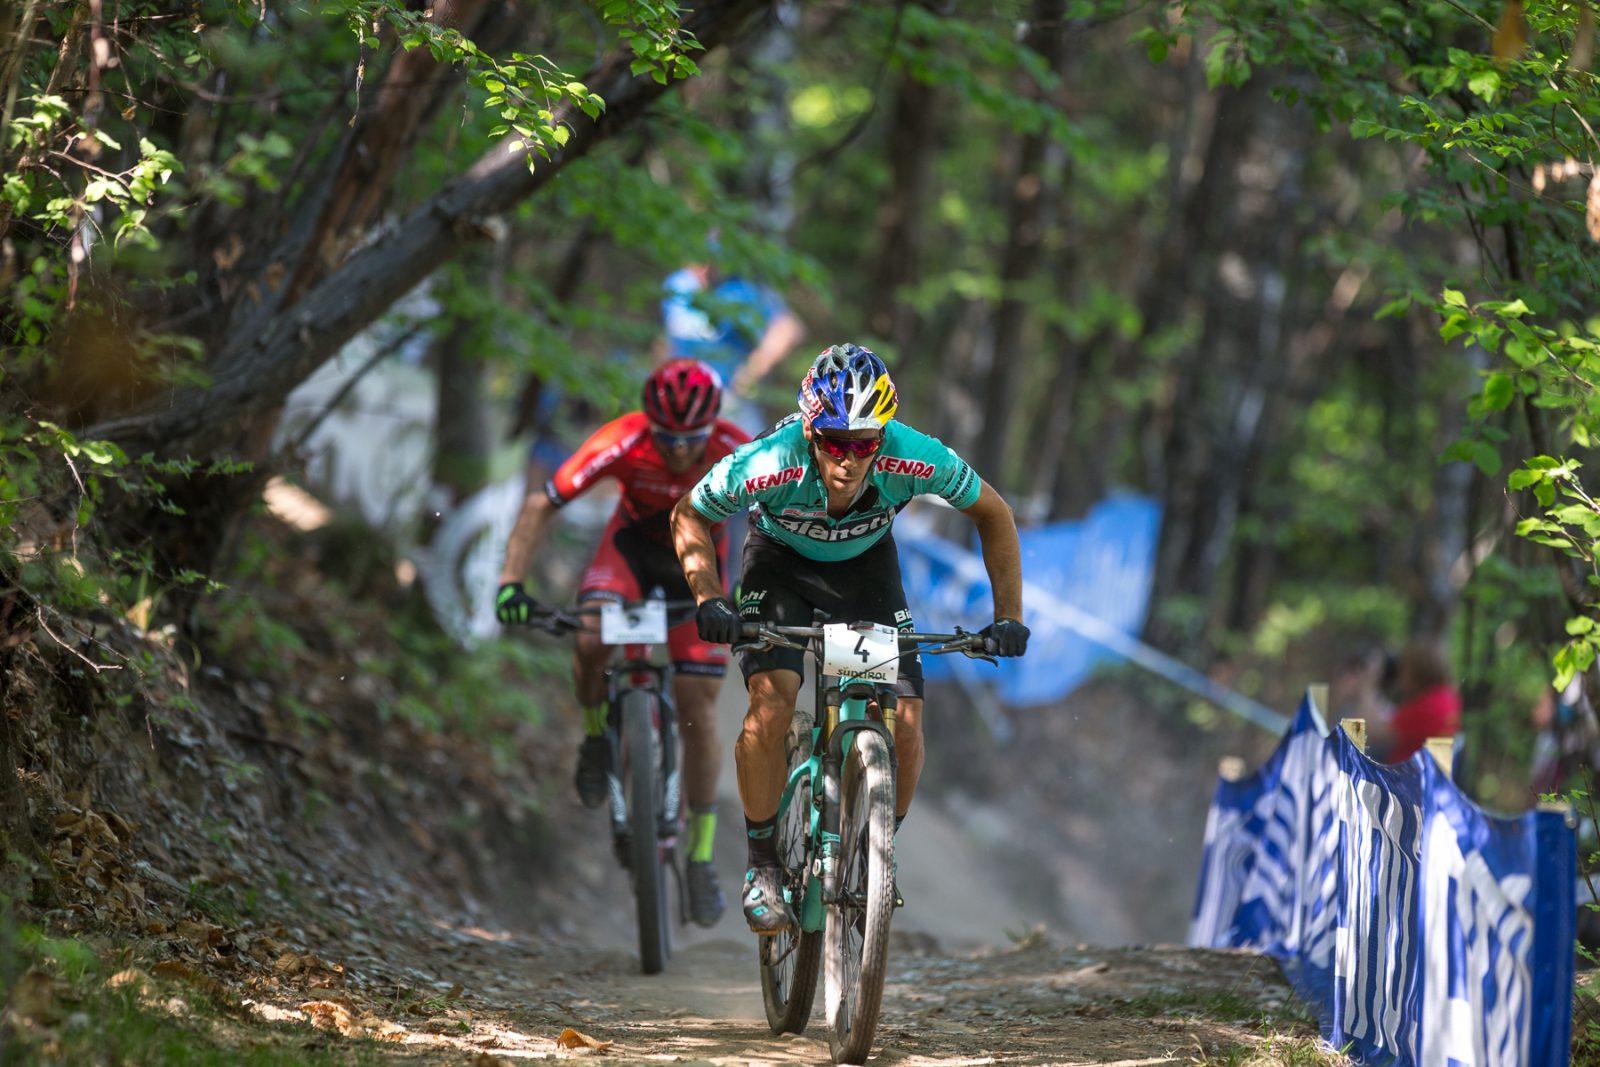 Circuito Xc : Don descensos otra modalidad el cross country xc